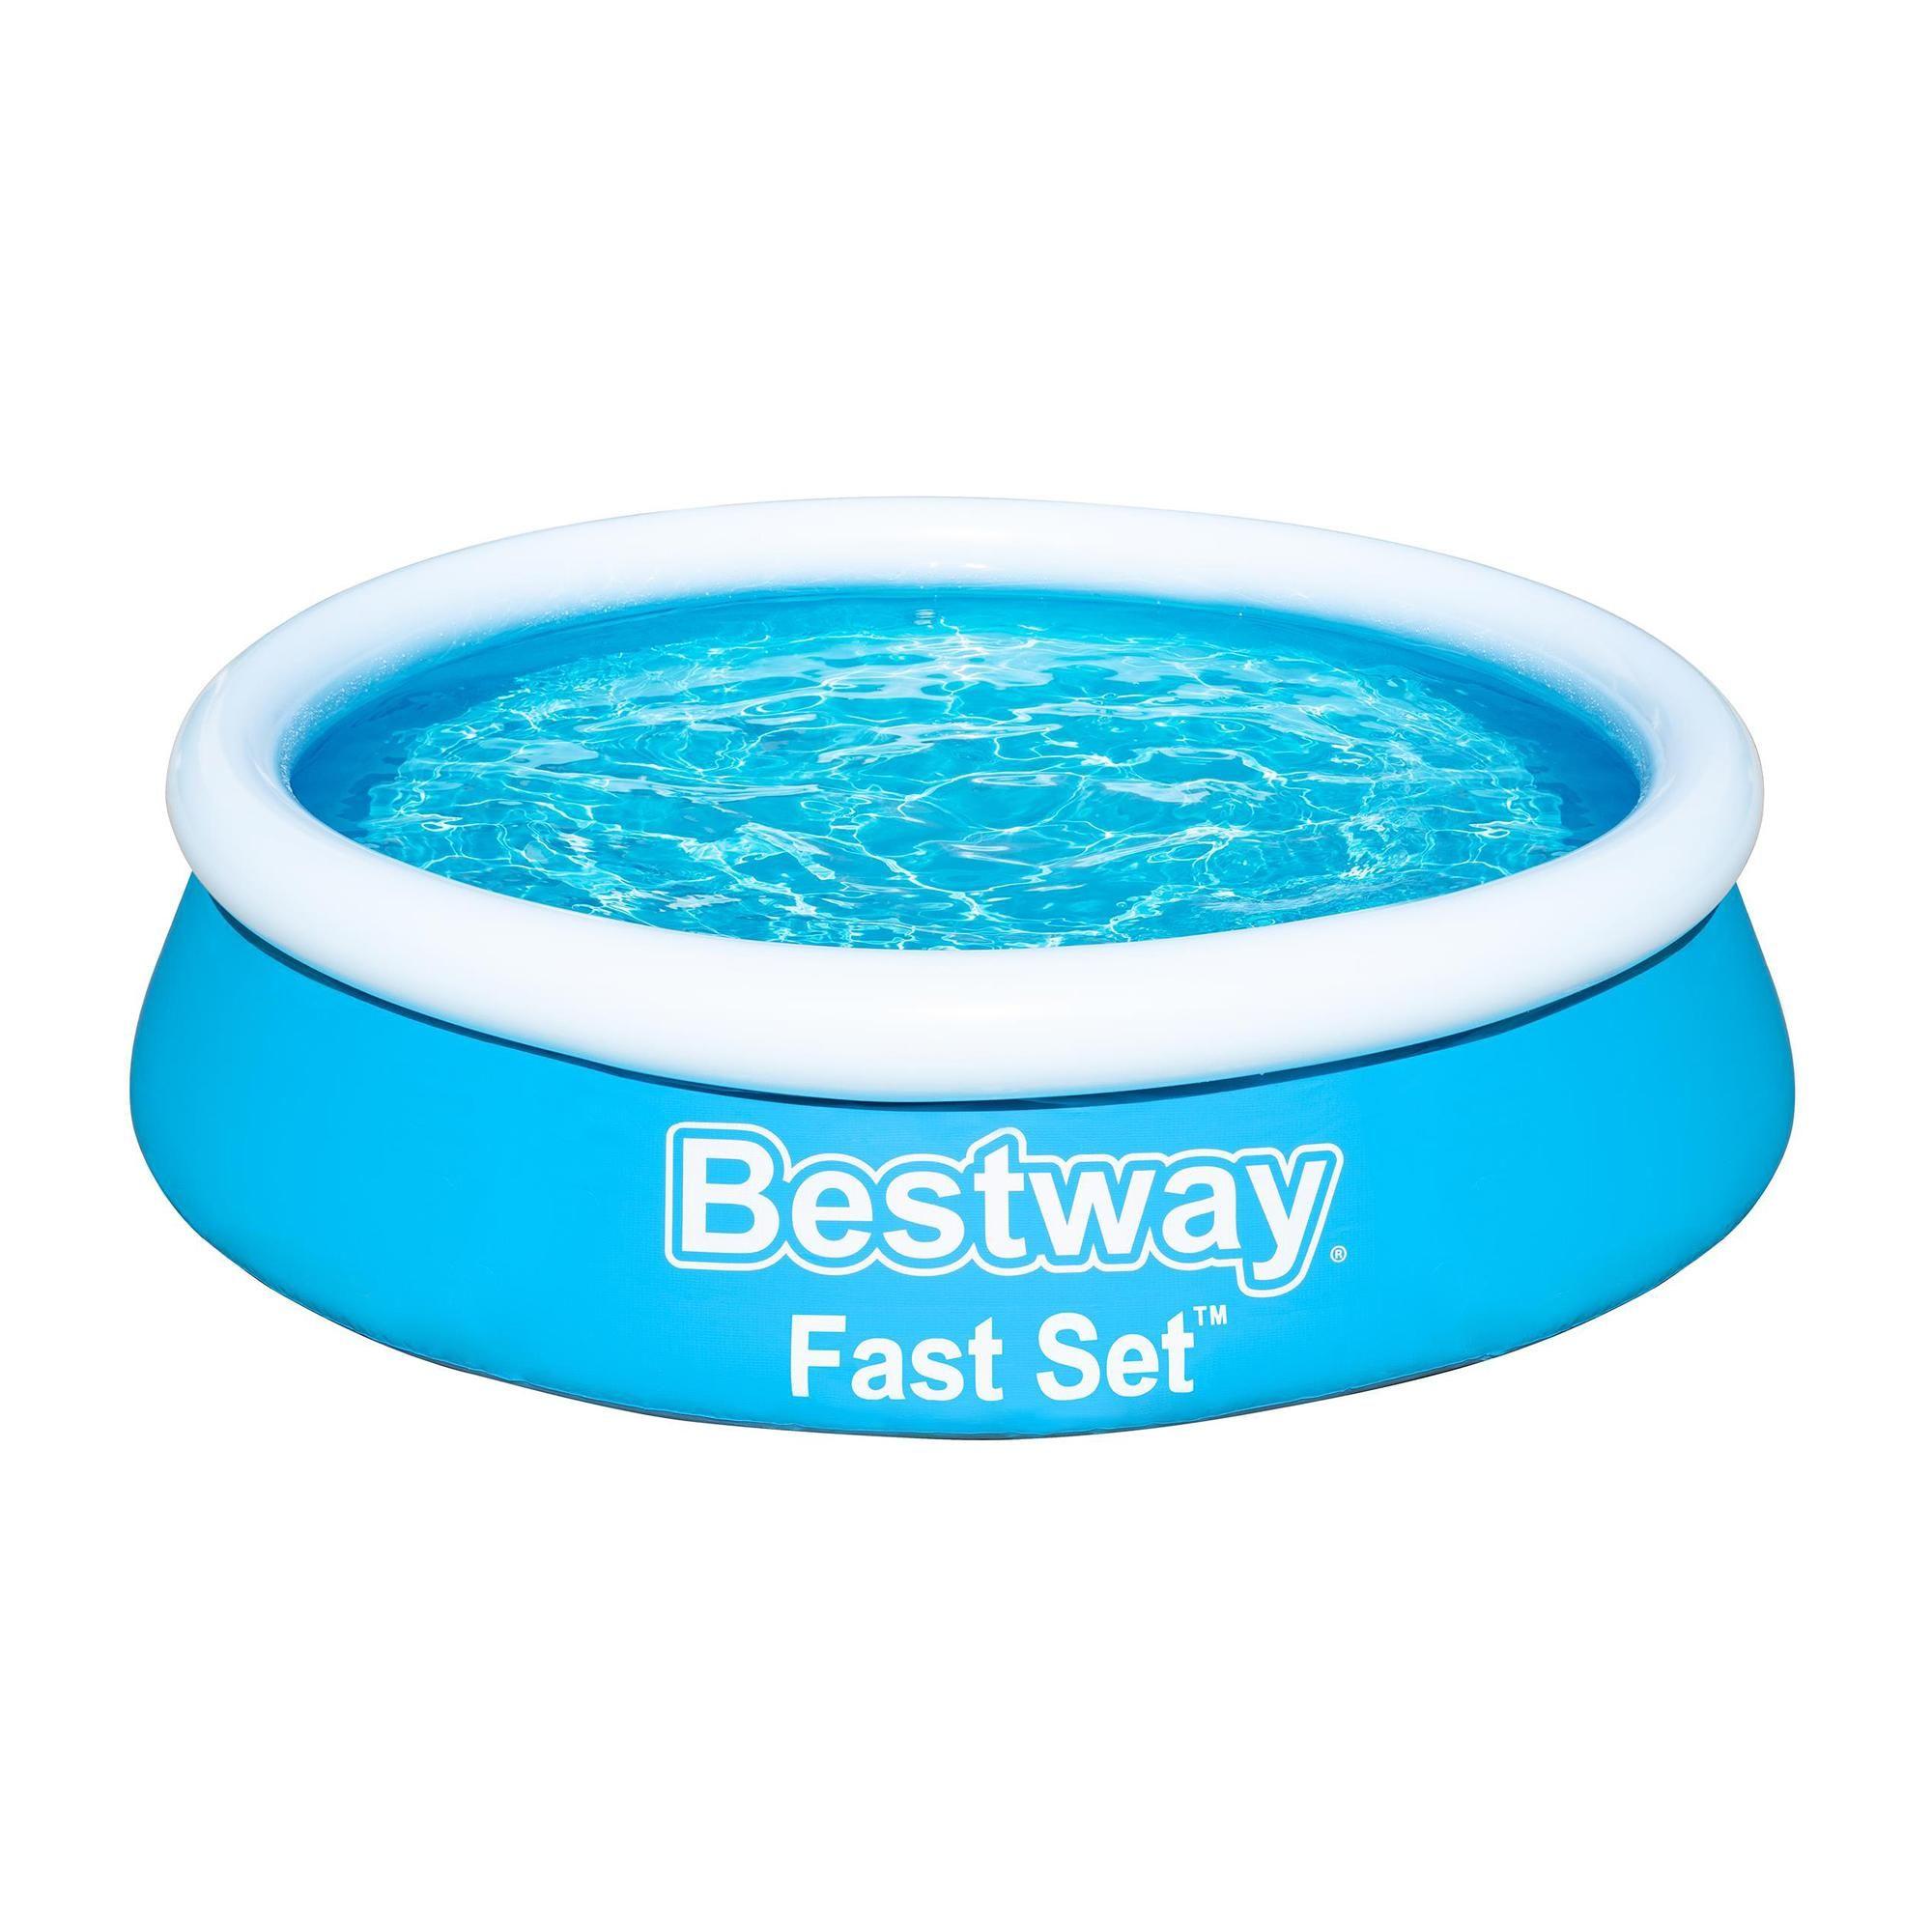 Bestway Fast Set 6ft Pool £19.99 delivered @ Smyths Toys